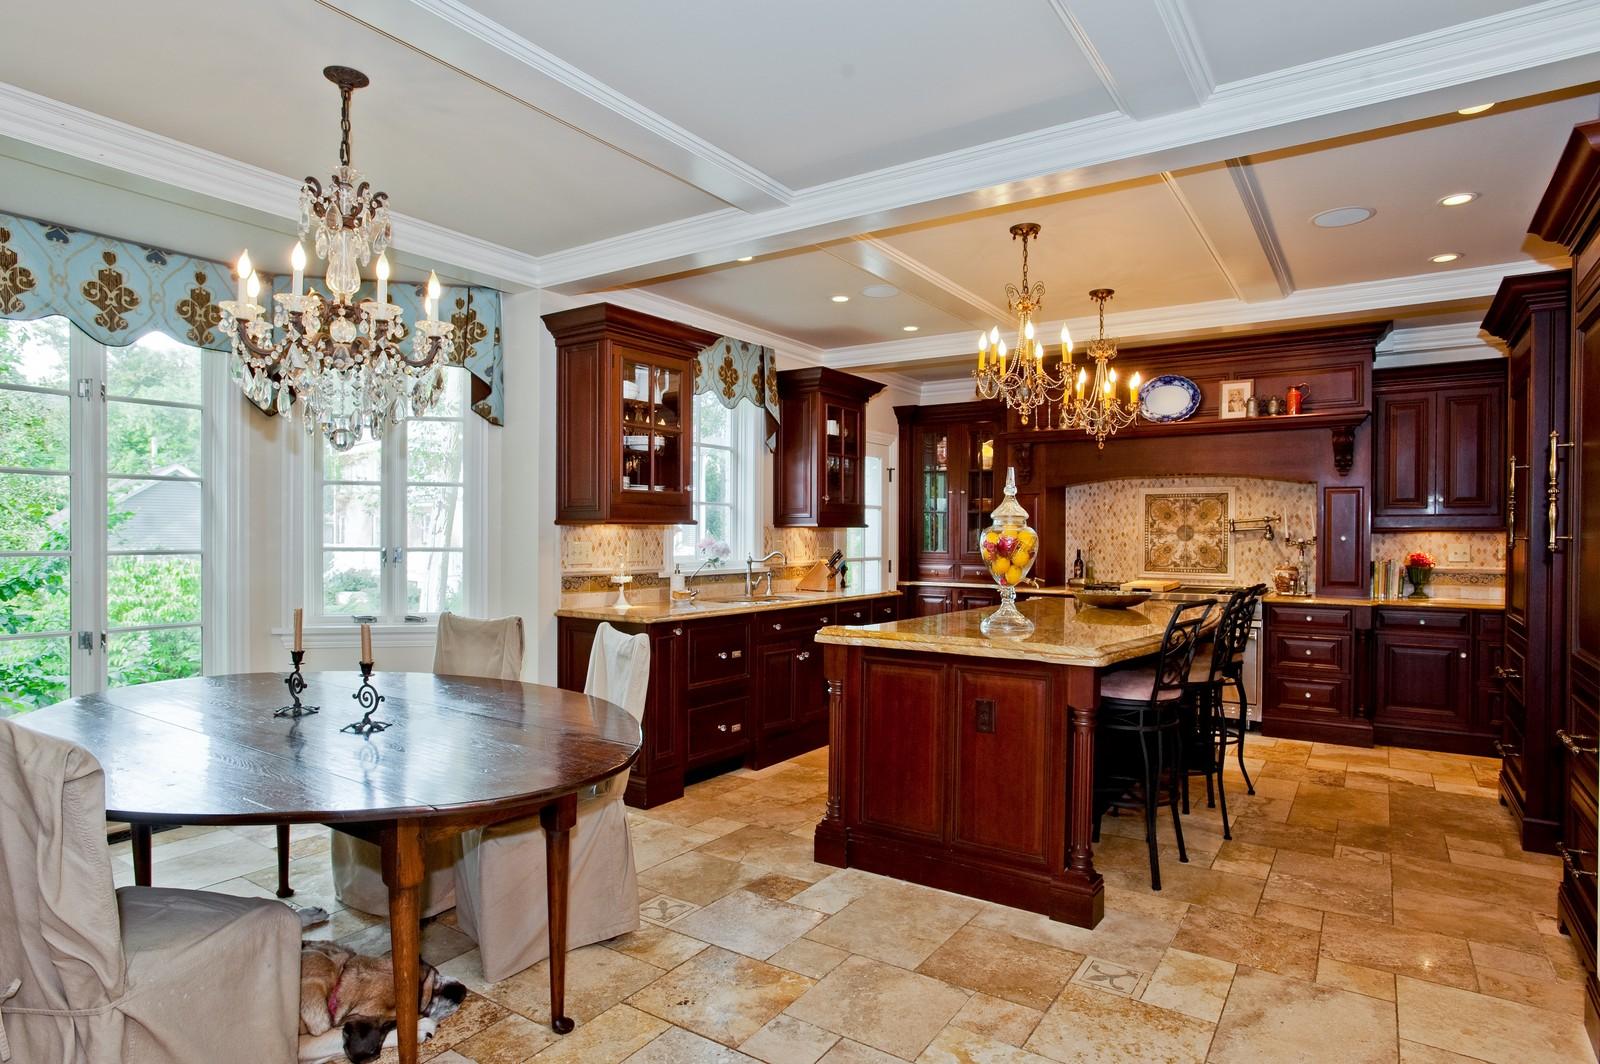 Real Estate Photography - 1161 Laurel, Winnetka, IL, 60093 - Kitchen / Breakfast Room